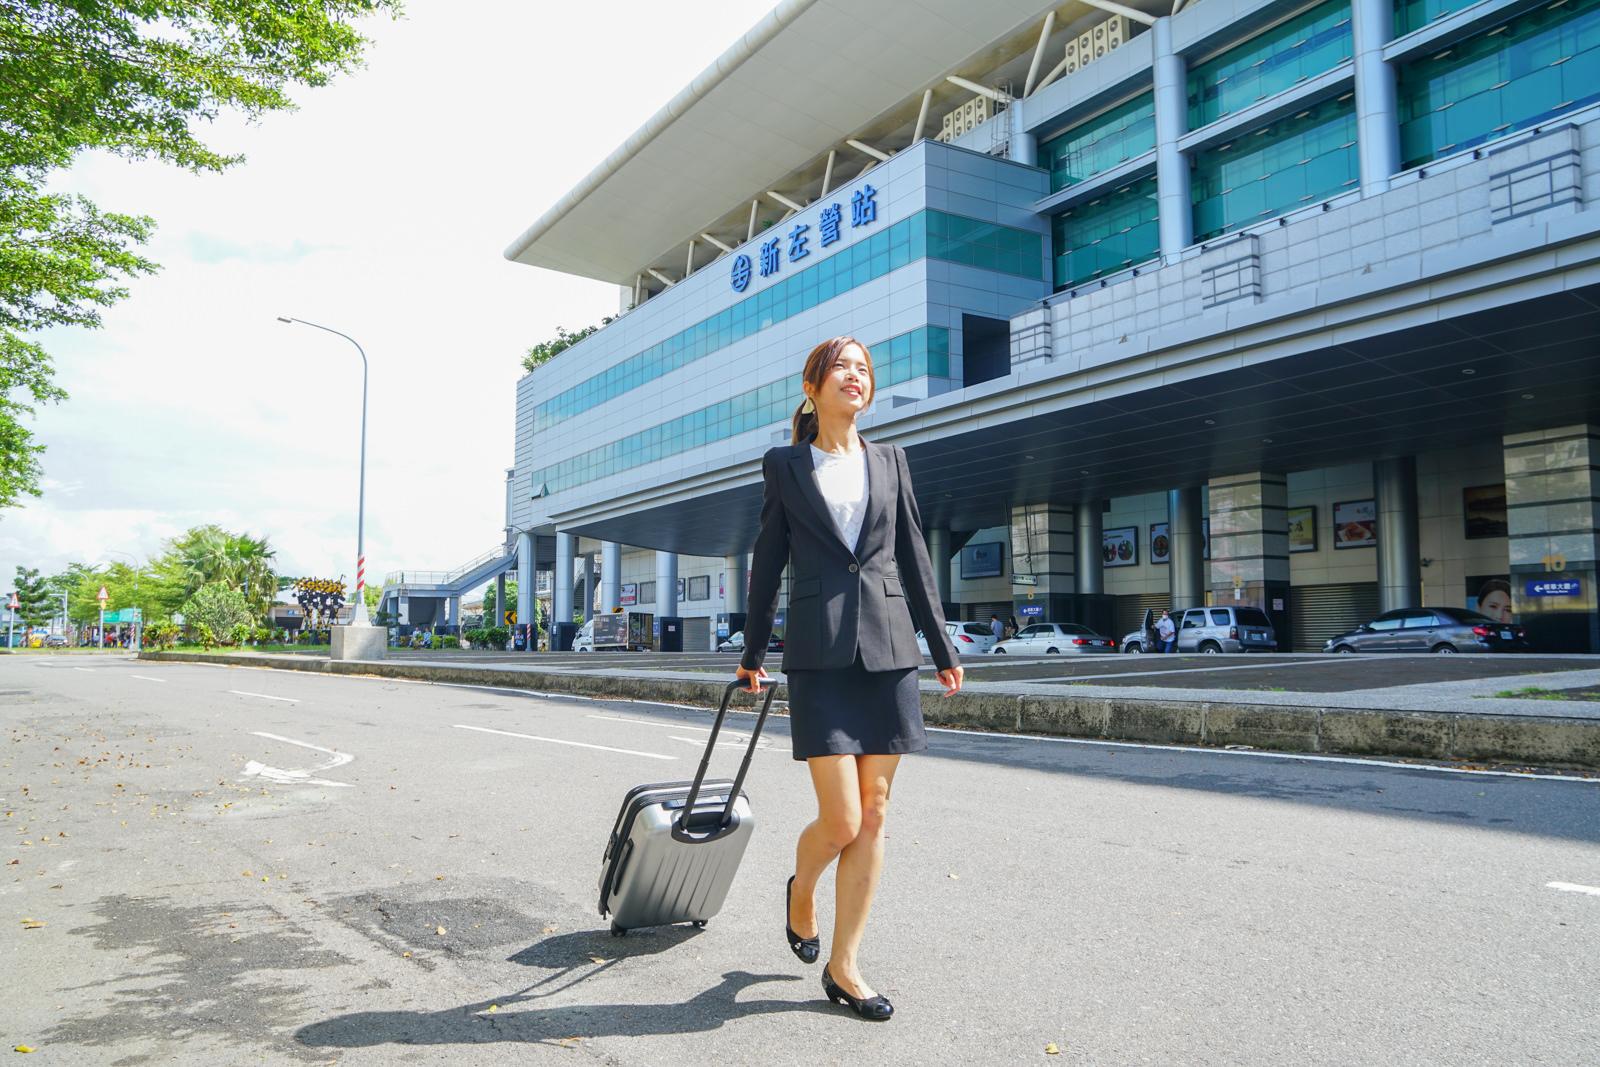 [旅遊]Targus Transit 360 Spinner 15.6″-商務客首選! 超輕型登機電腦拉桿箱  登機行李箱推薦